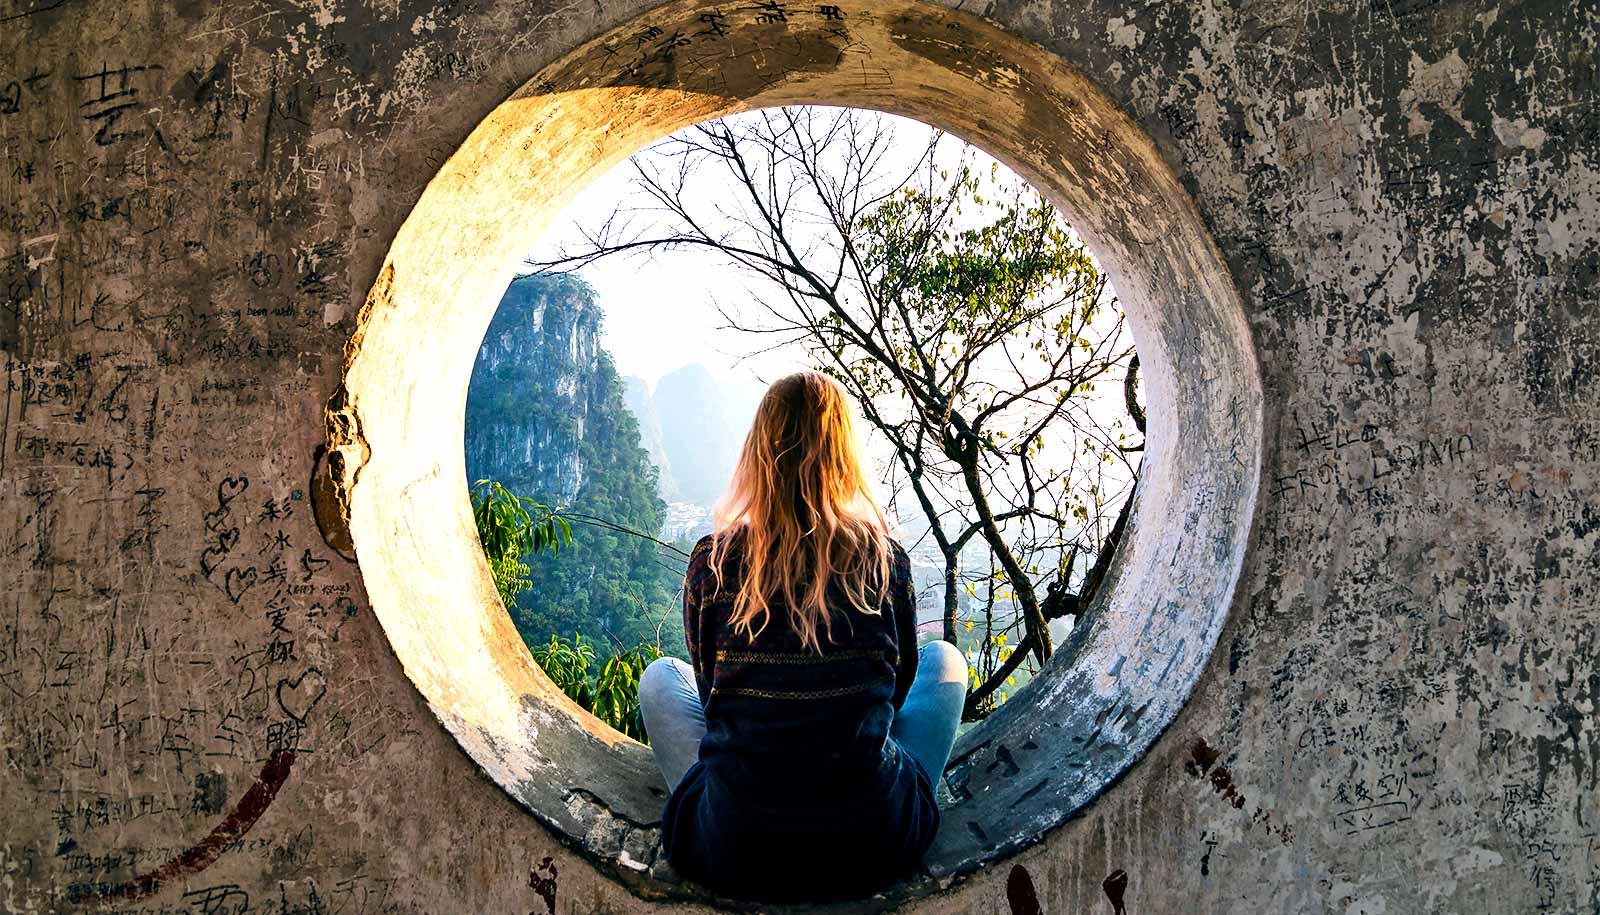 Os lugares que você vá (ou não) poderá alterar sua personalidade 4